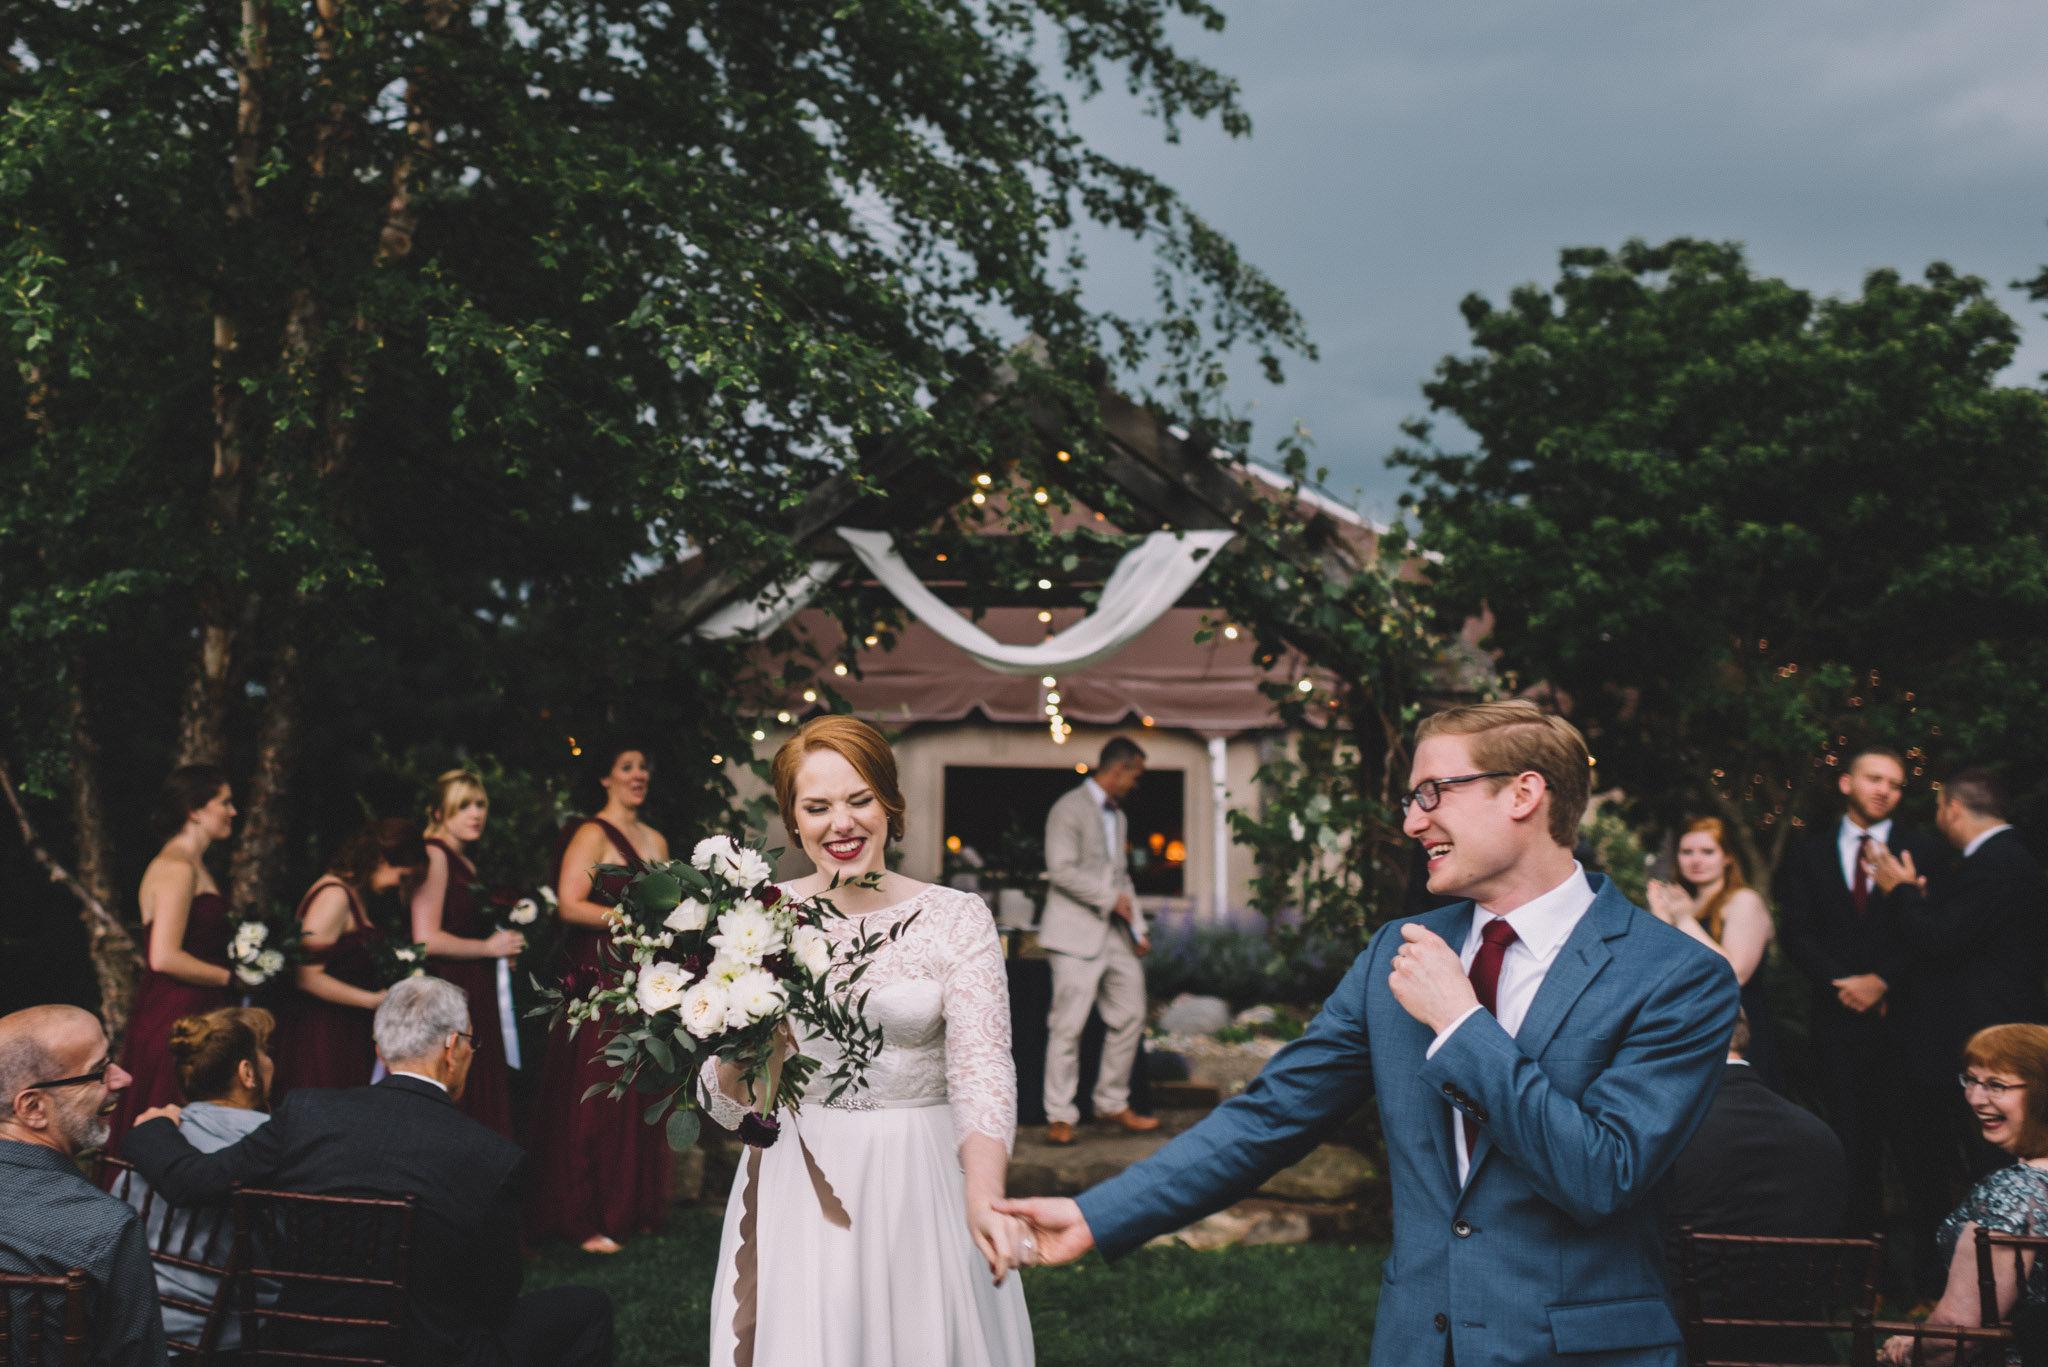 Jaime Dan married-Export Gallery 2-0102.jpg